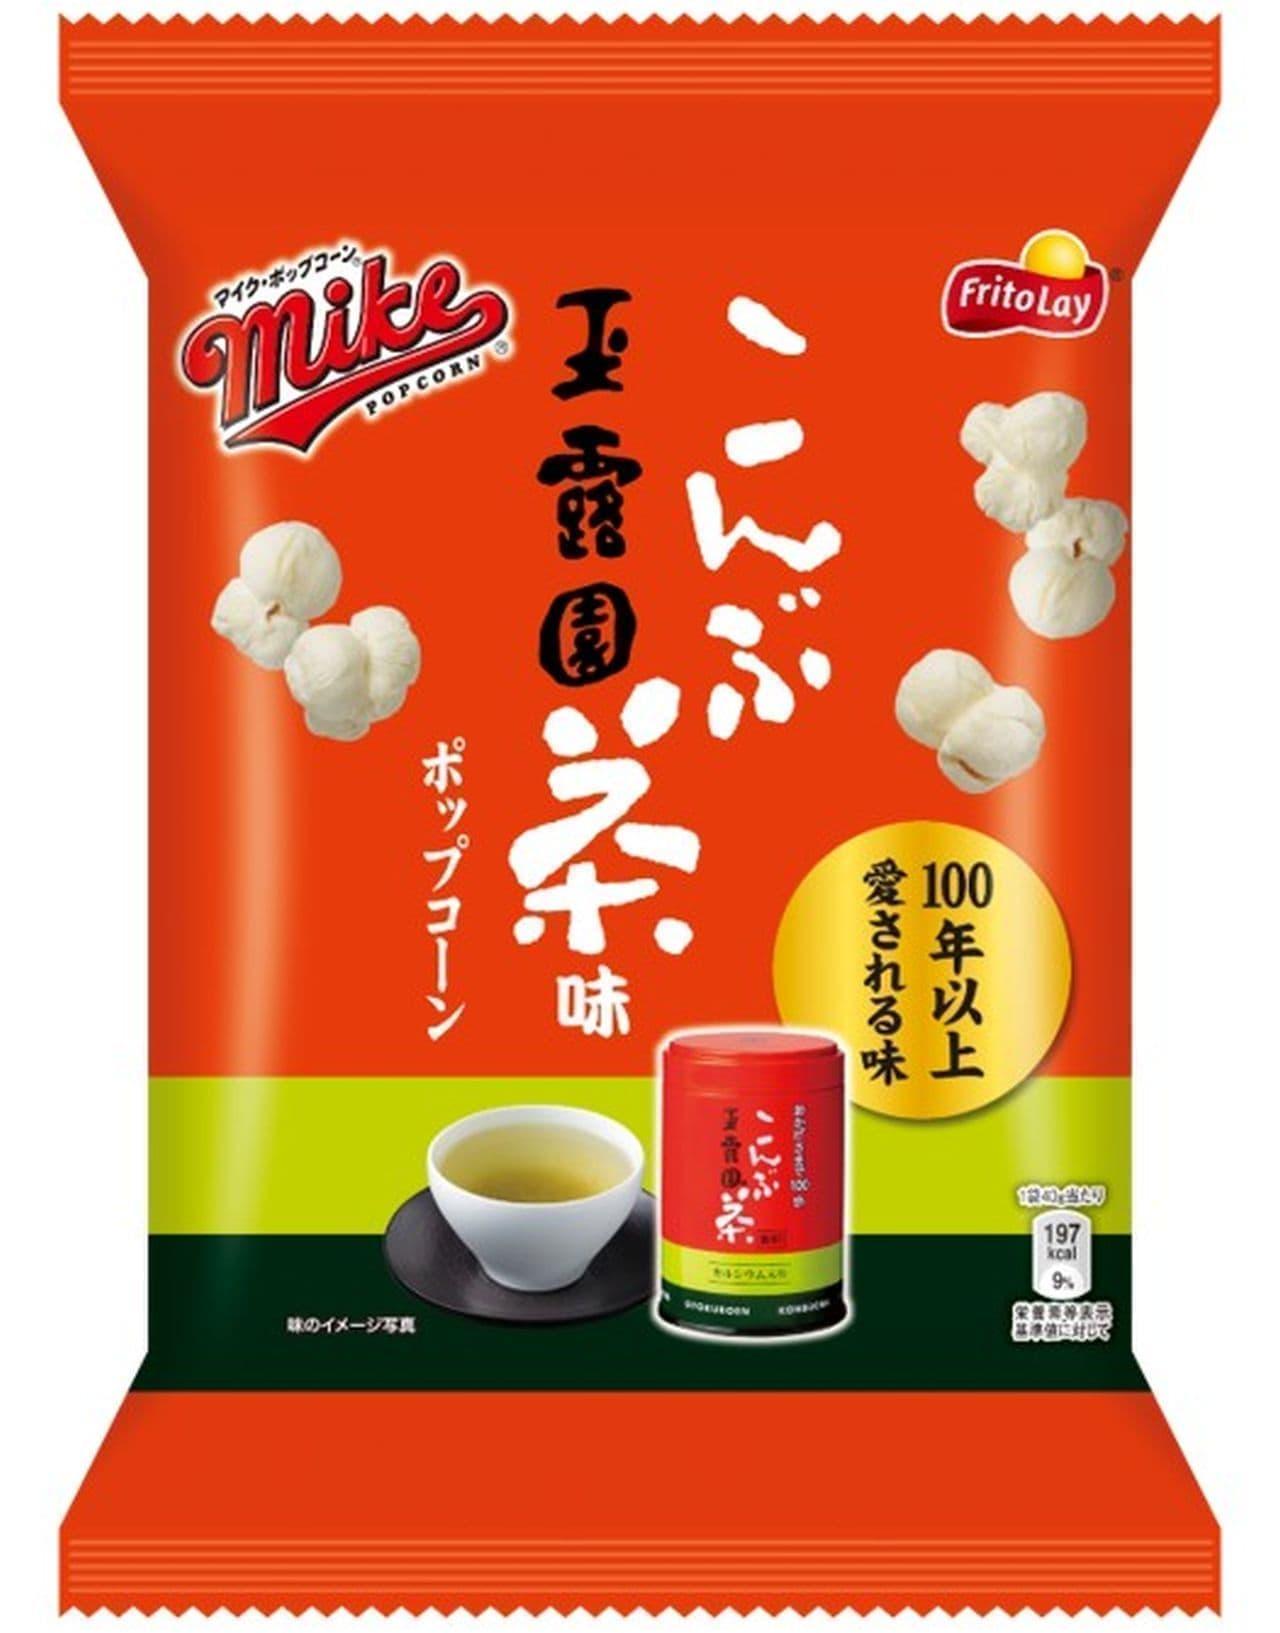 コラボ「マイクポップコーン 玉露園こんぶ茶味」